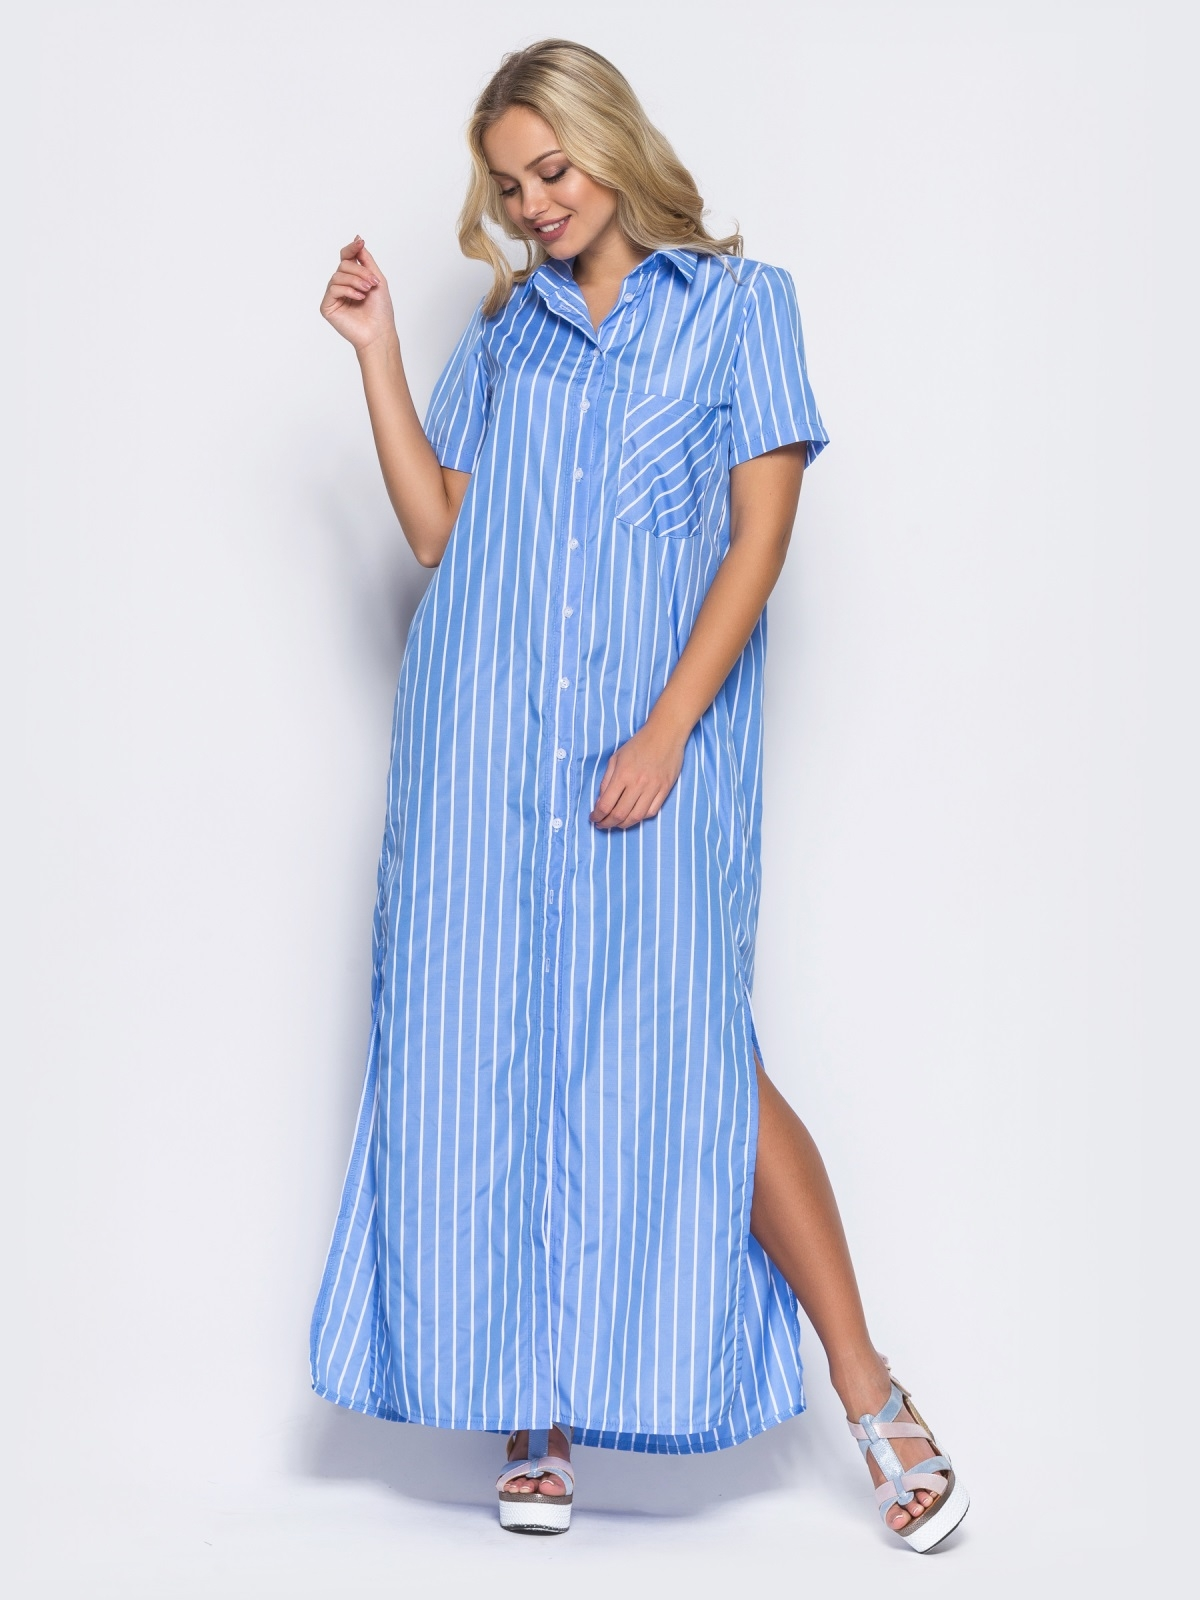 Платье-рубашка с функциональными пуговицами и карманом голубое - 11324, фото 2 – интернет-магазин Dressa